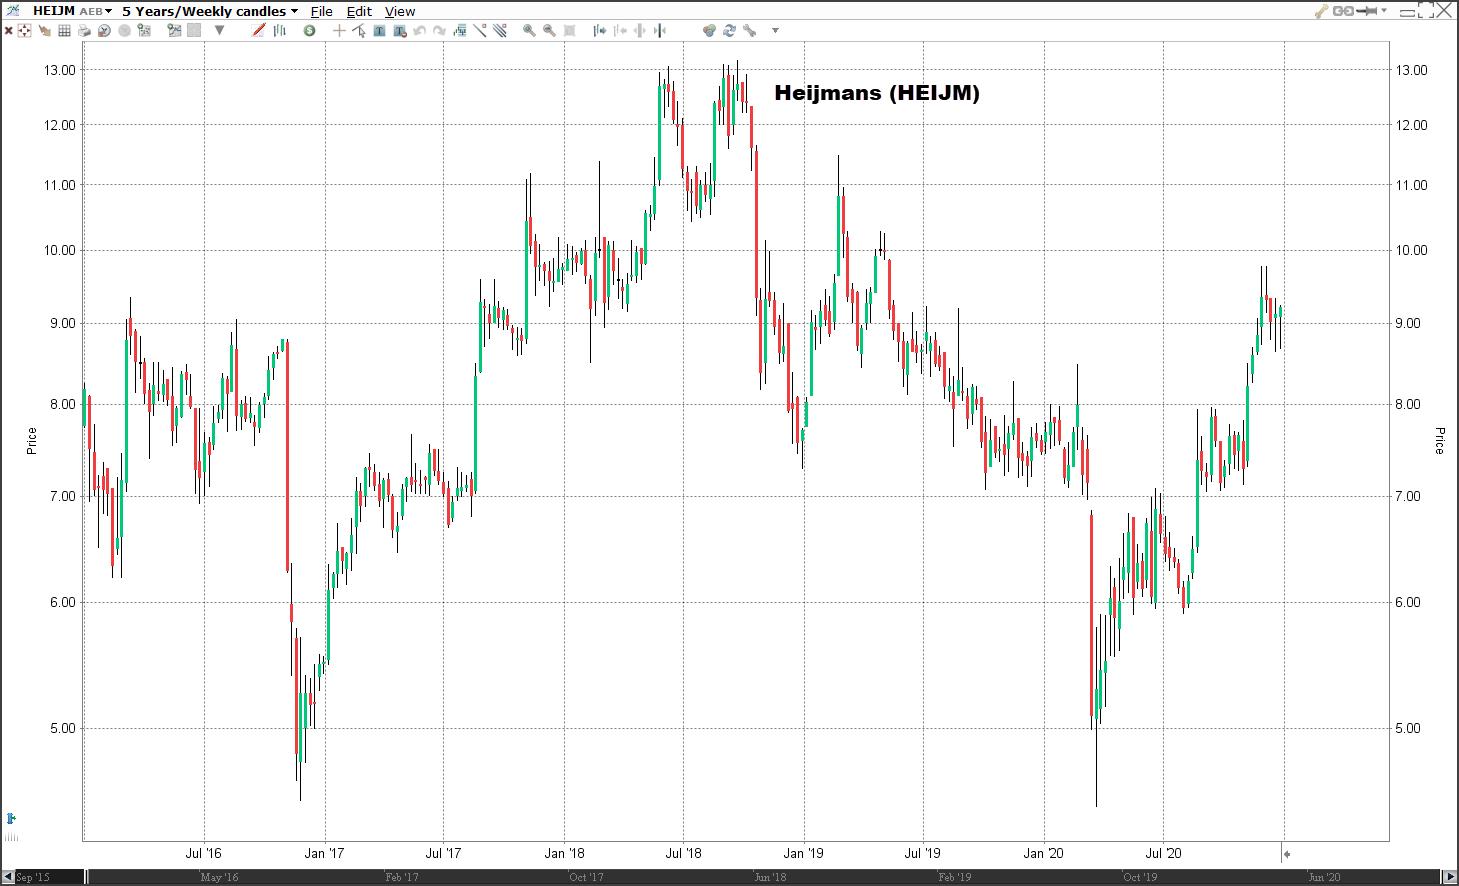 Aandeel Heijmans koers | Welke aandelen kopen 2021?